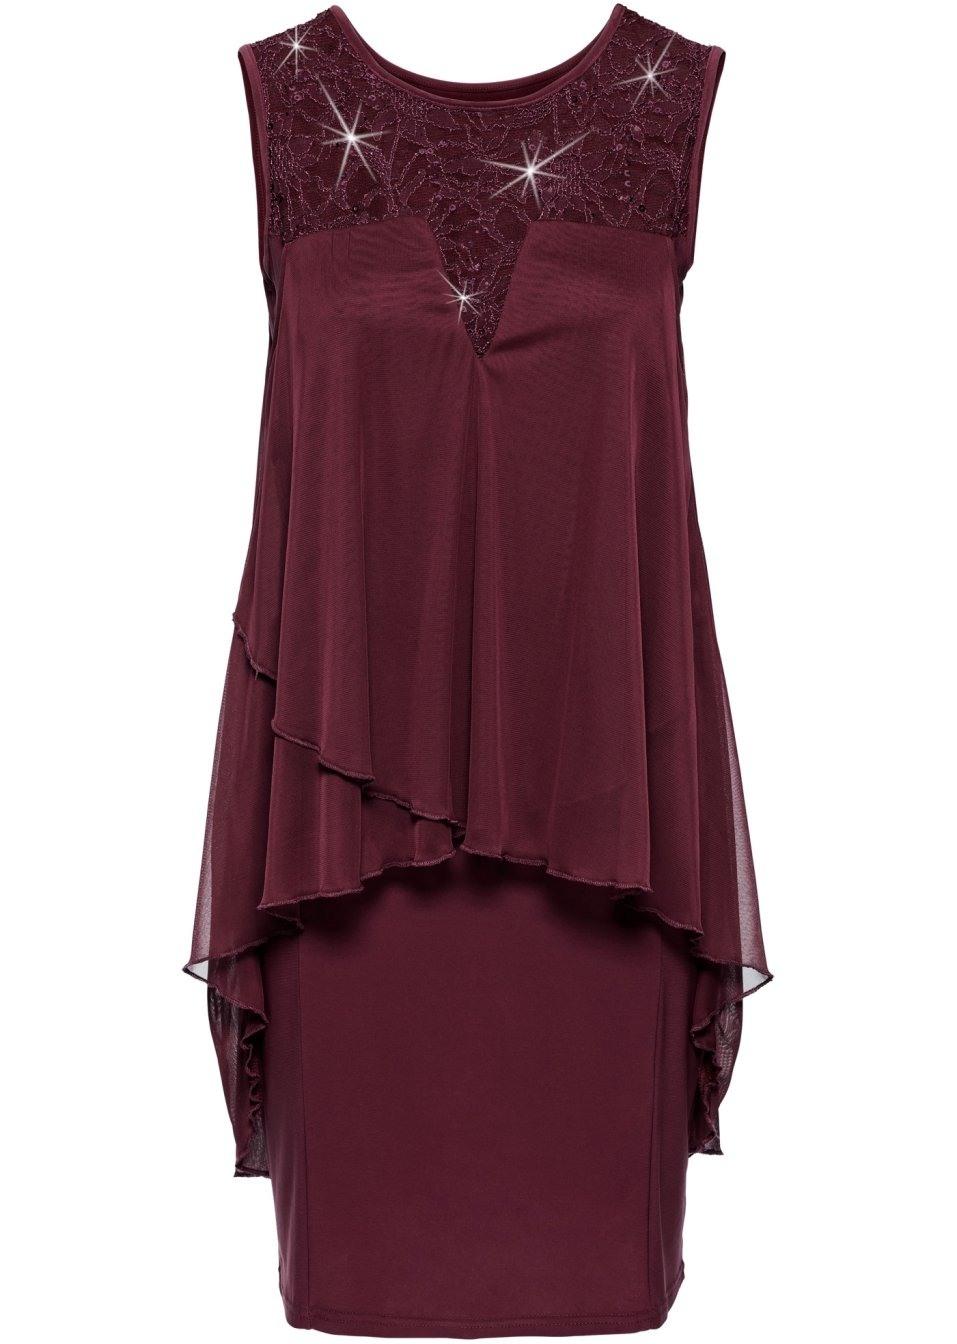 17 Luxus Weinrotes Kleid für 2019Formal Schön Weinrotes Kleid Vertrieb